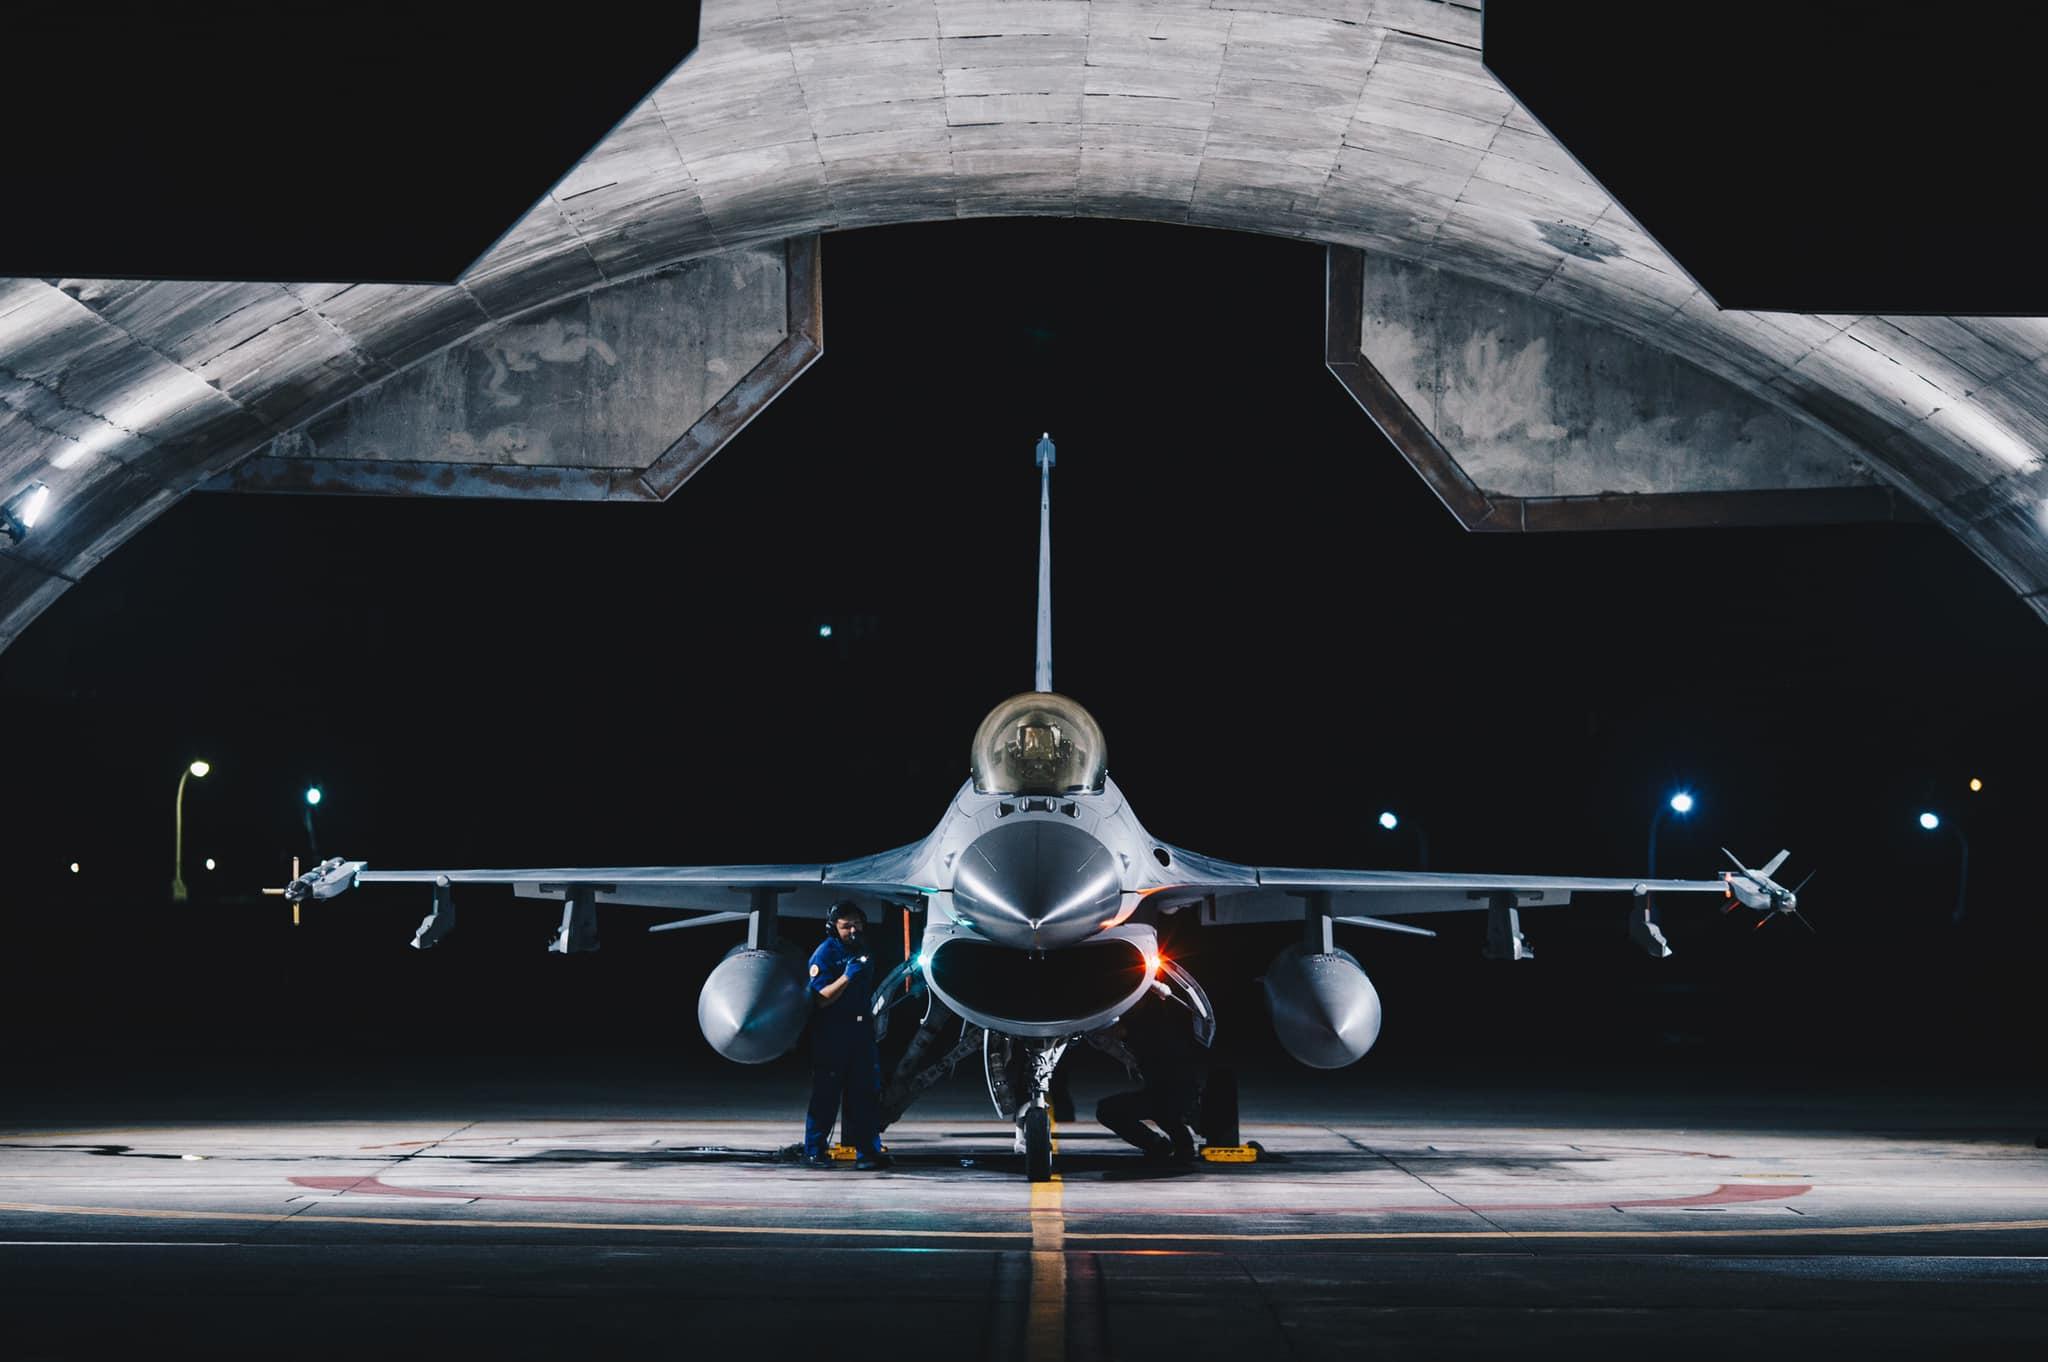 台湾国军进行「联合防空作战训练」。图为空军F-16战机在花莲待命起飞。(截图自国防部发言人脸书)